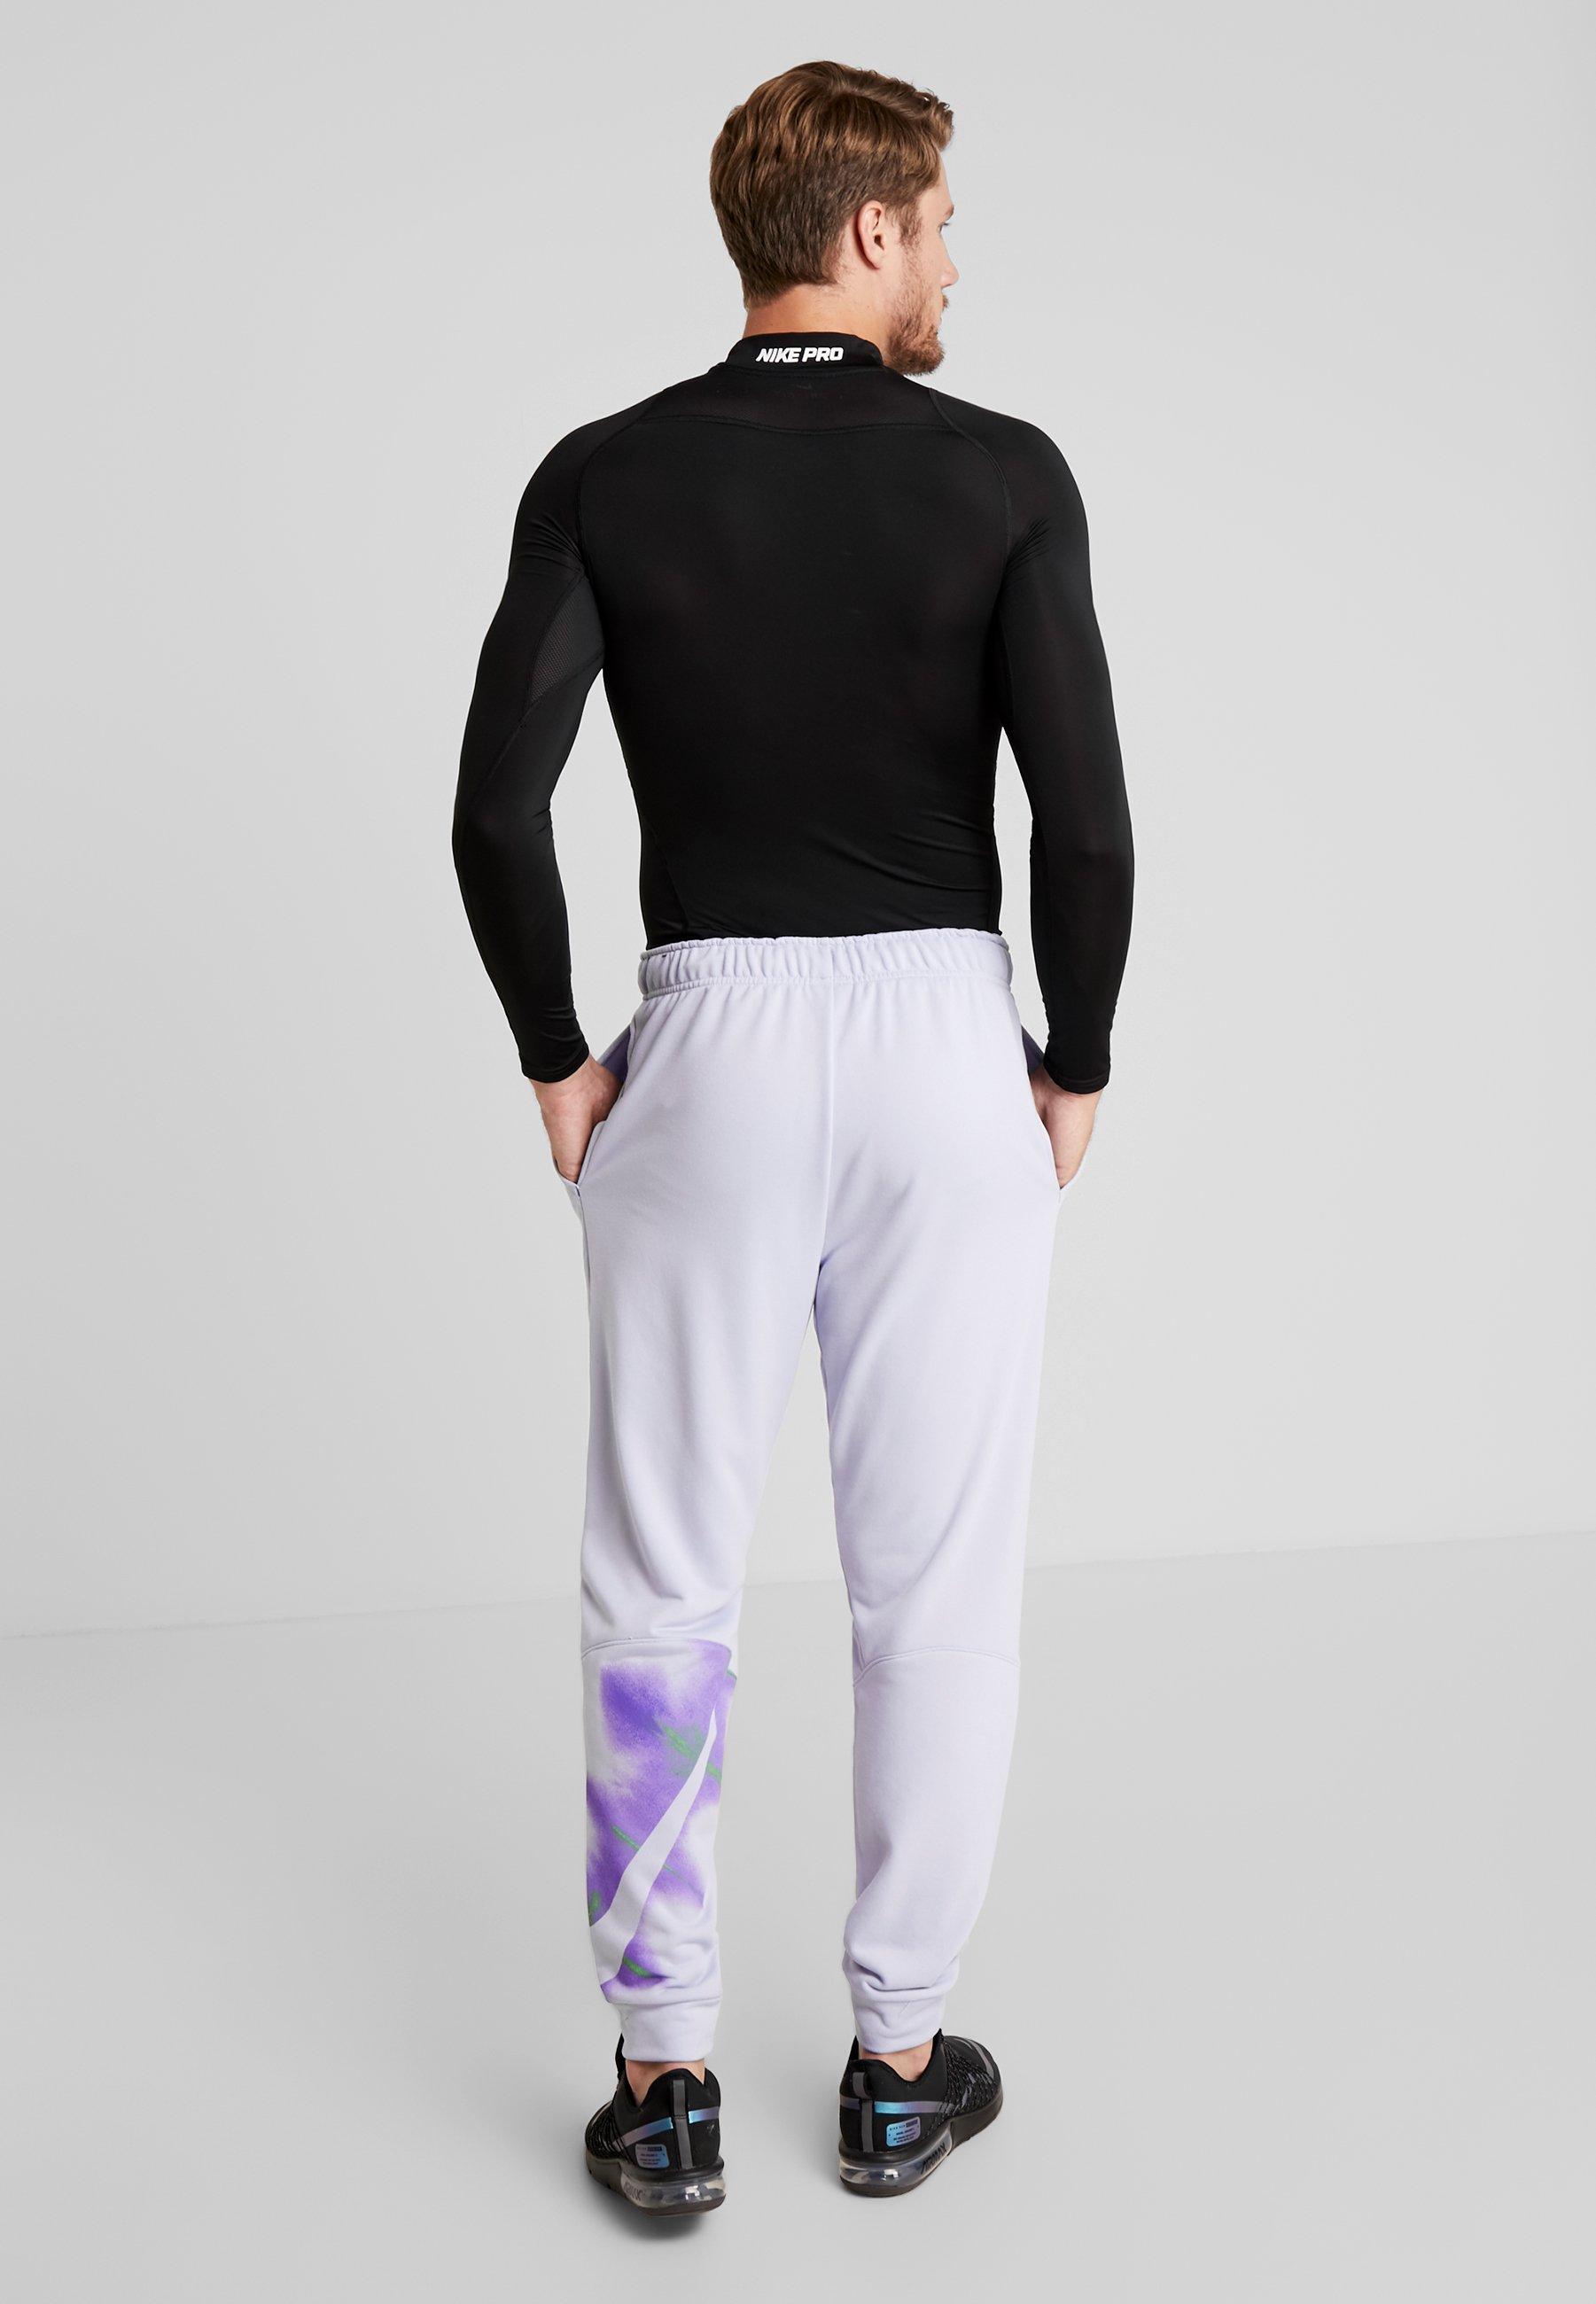 Natual Dry HighPantaloni Performance Sportivi Purple Pant Ghost Nike psychic T1JlKcF